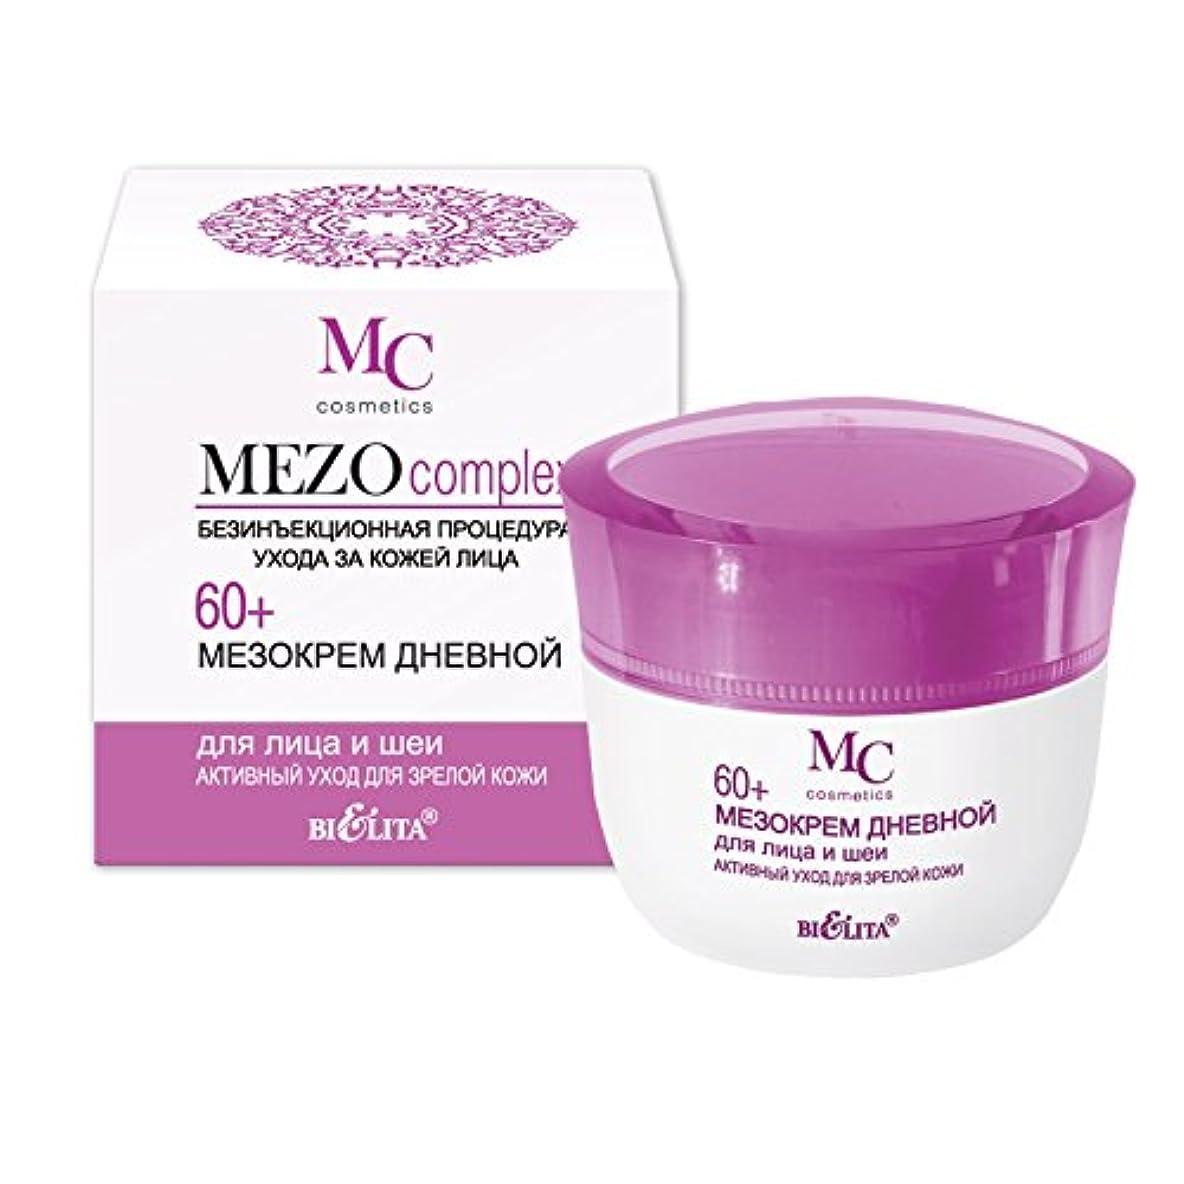 脱獄においまっすぐSaturated Day Cream (MEZO) is specially designed for the care of mature skin of the face | Hyaluronic acid, Vitamin...